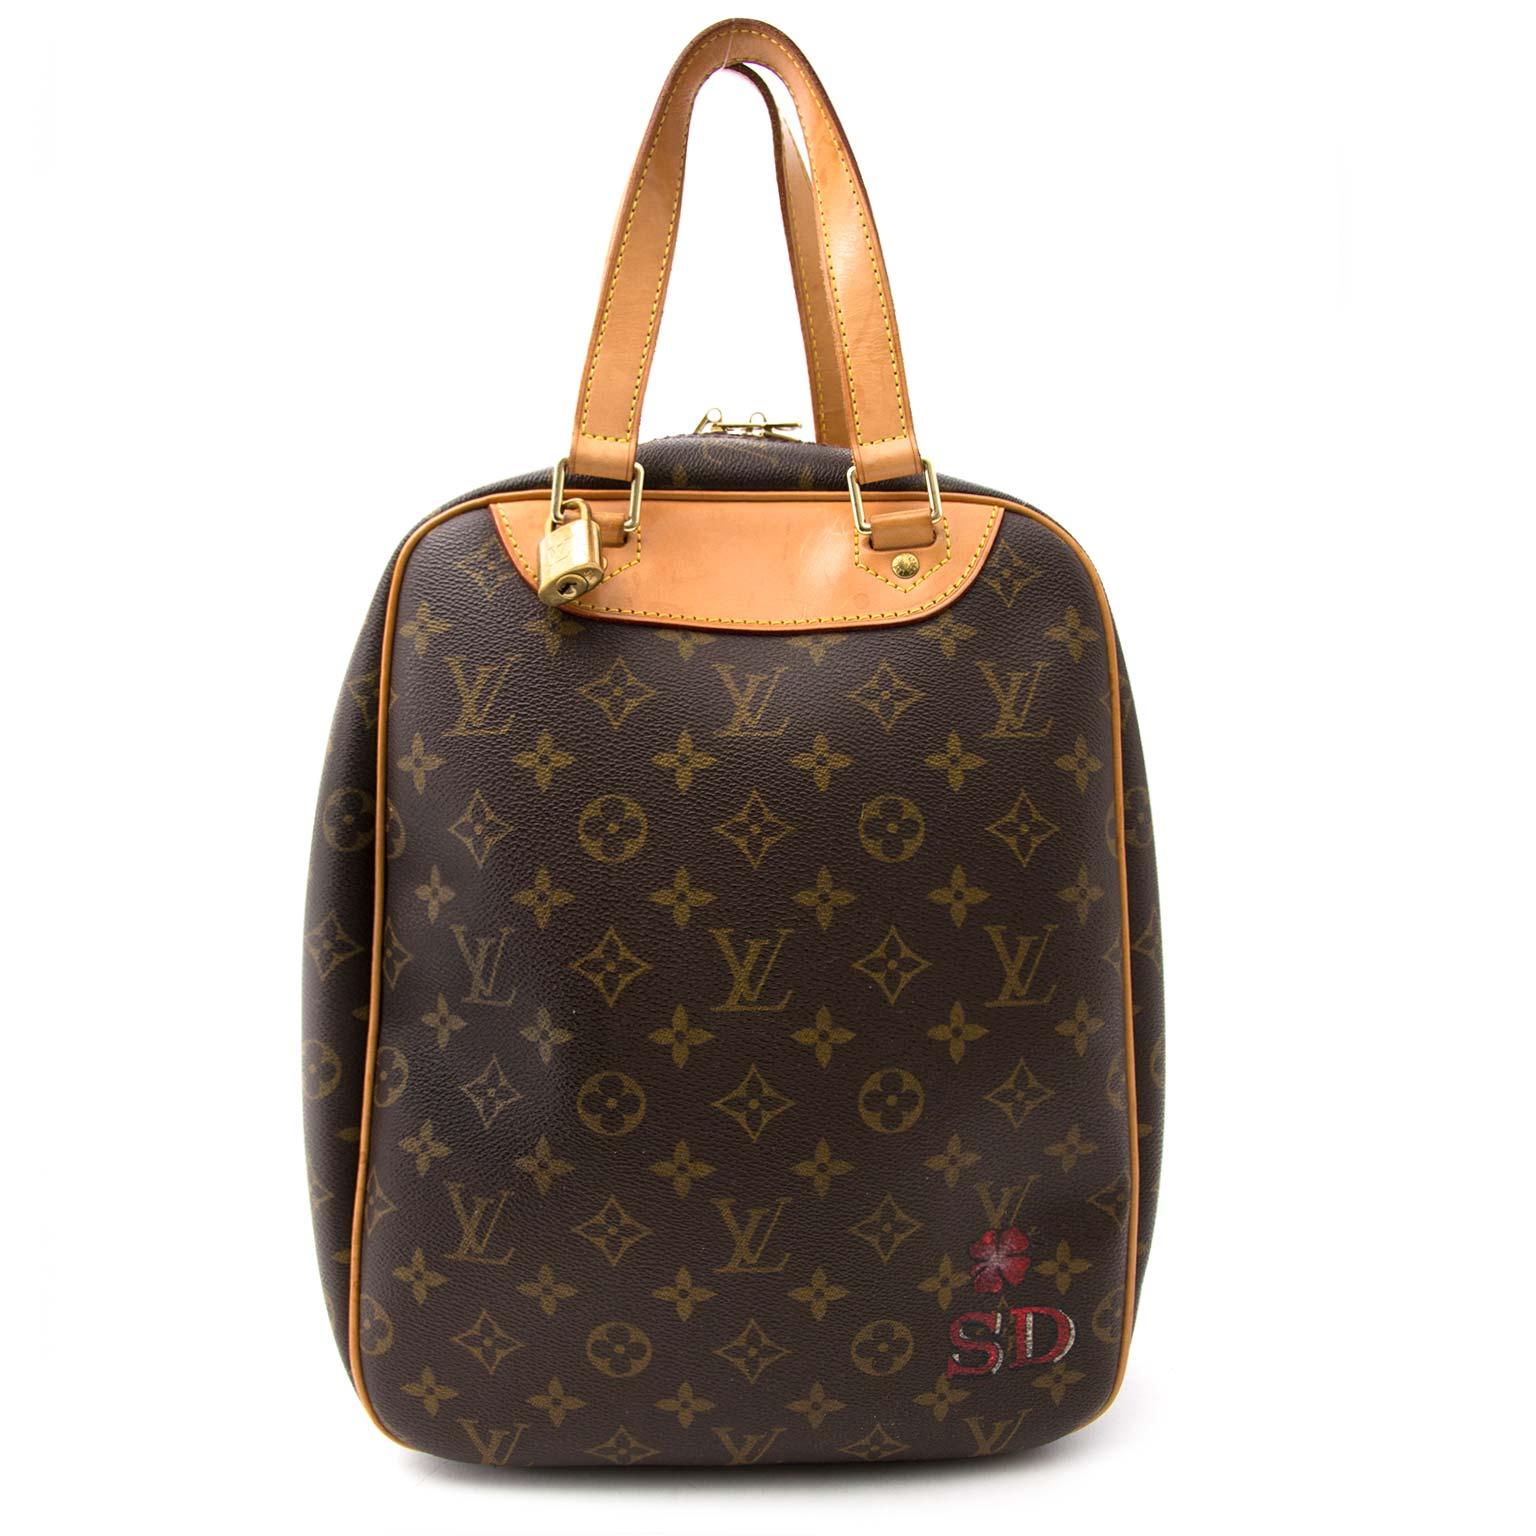 Koop en verkoop uw authentieke Louis Vuitton Monogram Excursion Top Handle Bag